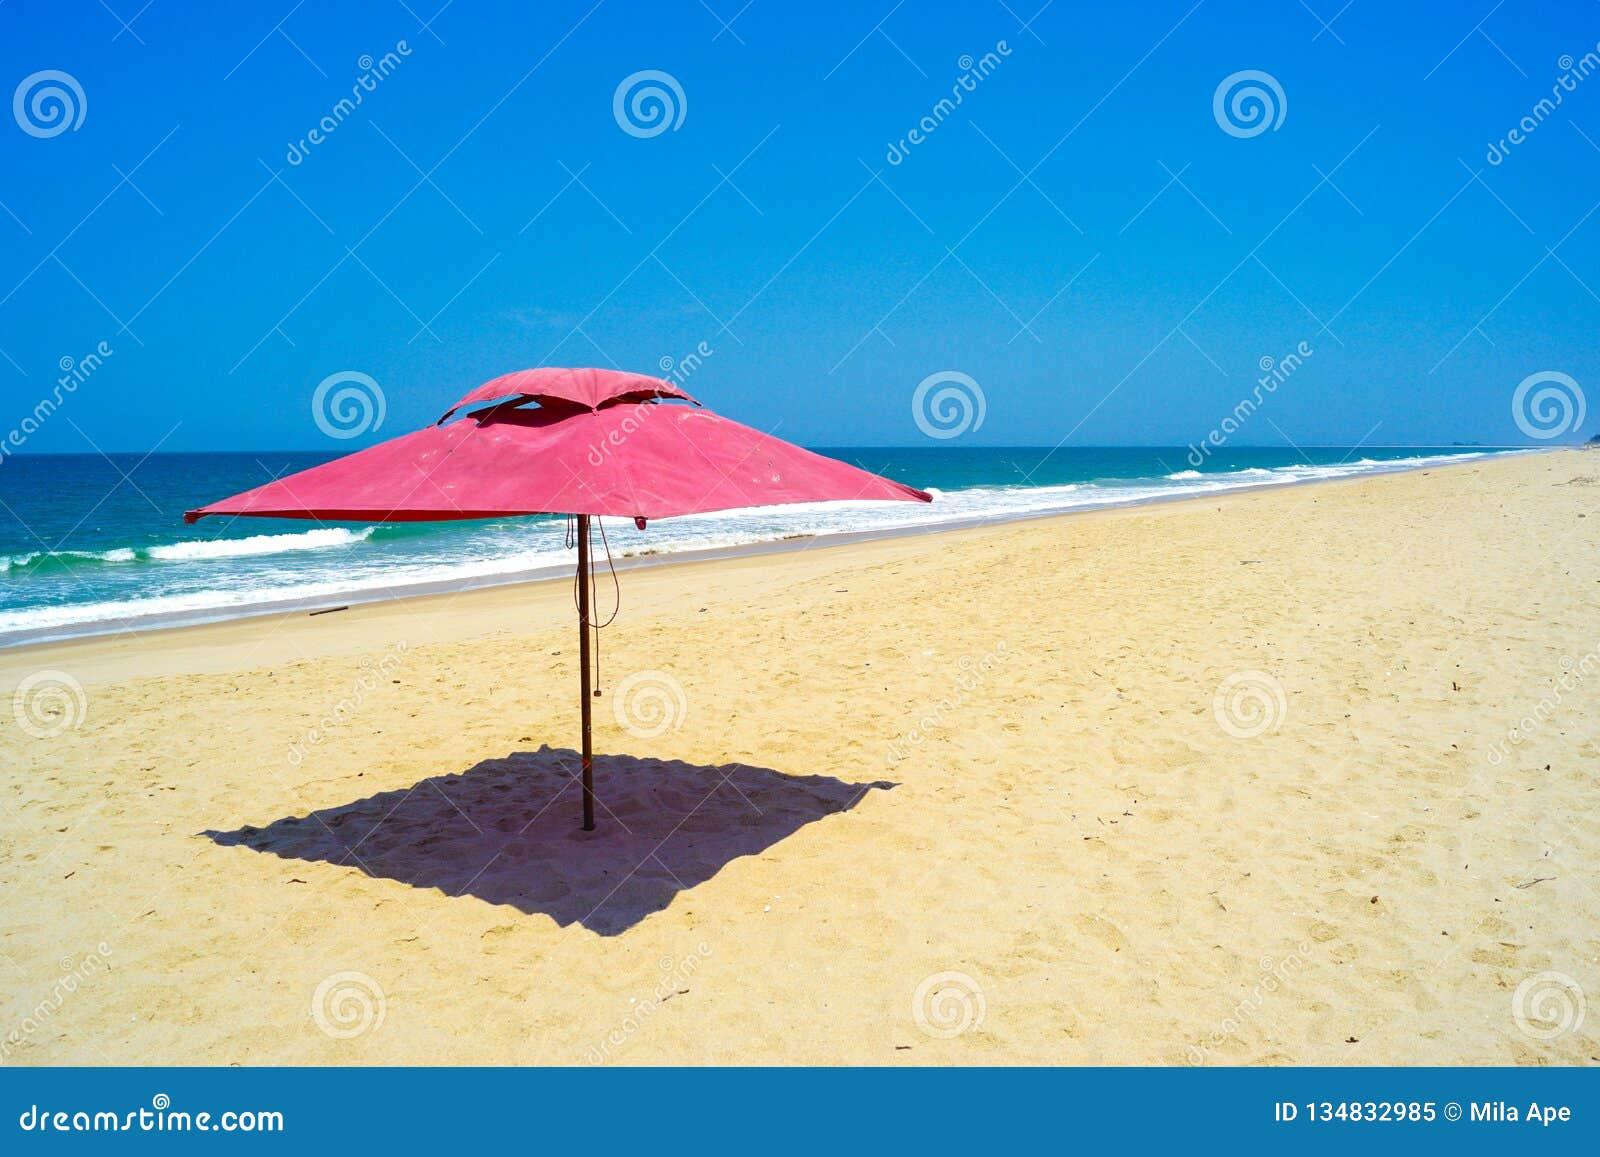 Ομπρέλα στην παραλία